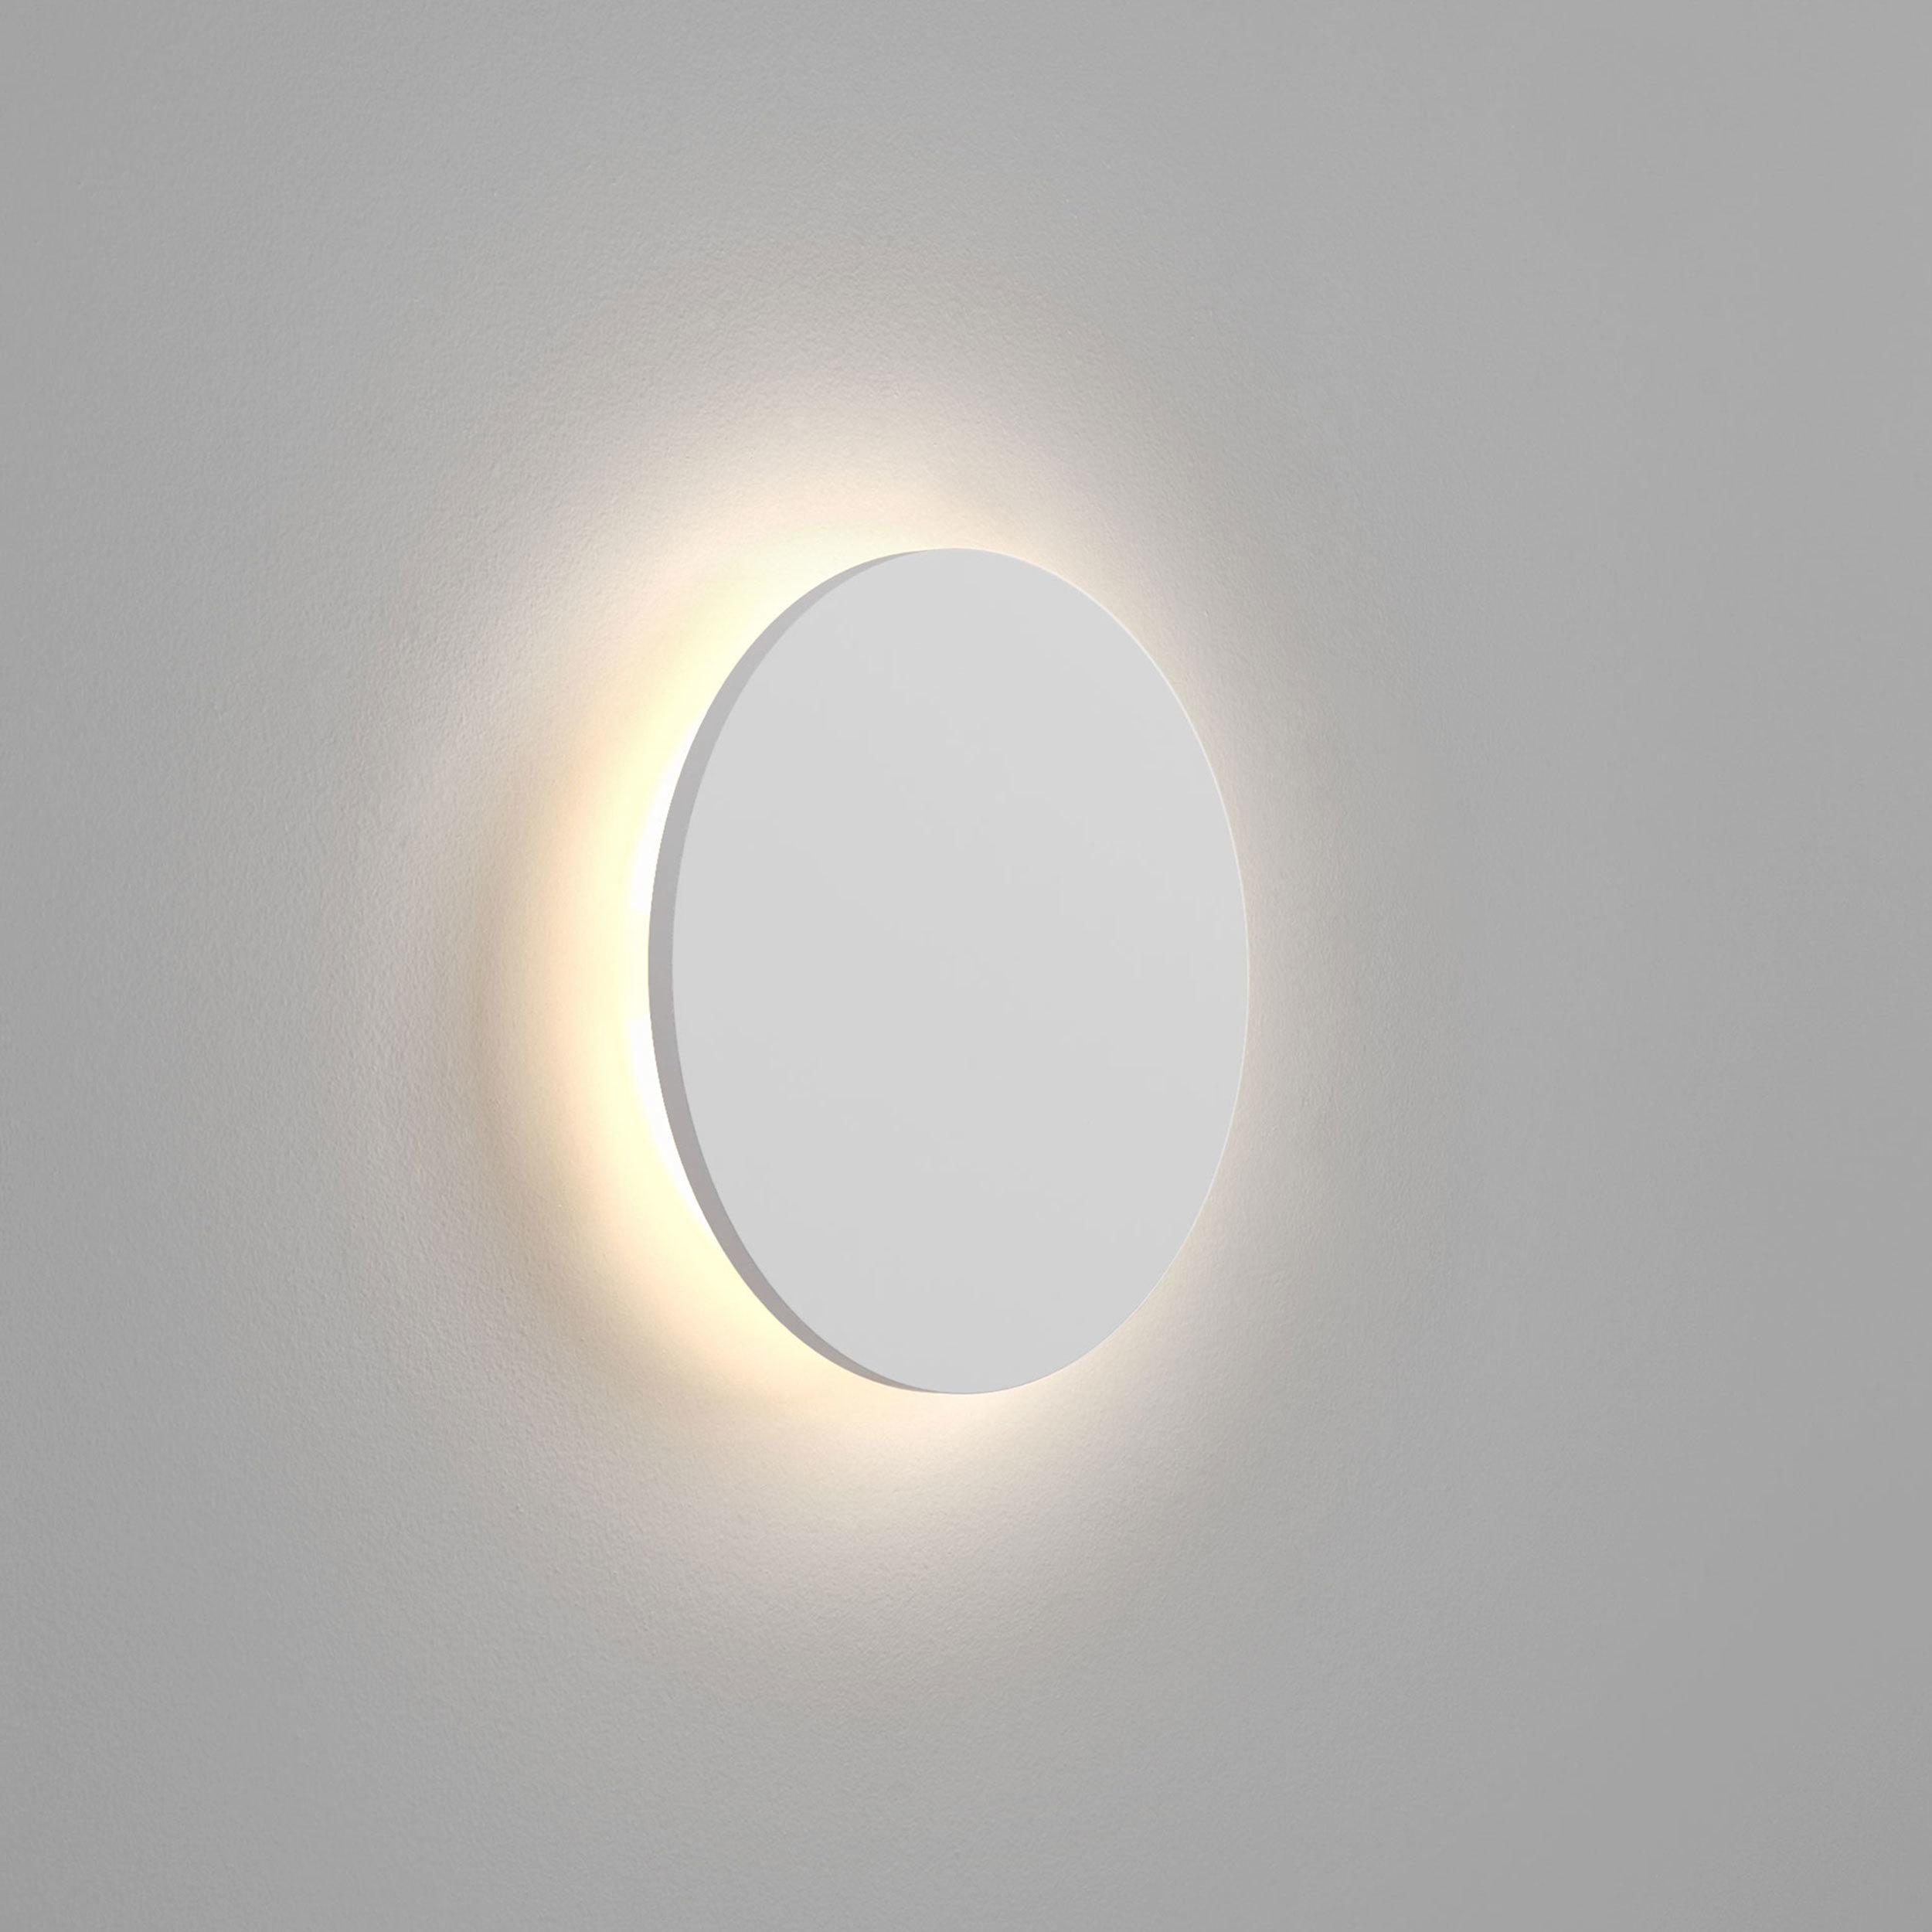 Настенный светодиодный светильник Astro Eclipse 1333005 (7611), LED 8,1W 2700K 357.43lm CRI60, белый, под покраску, гипс - фото 1